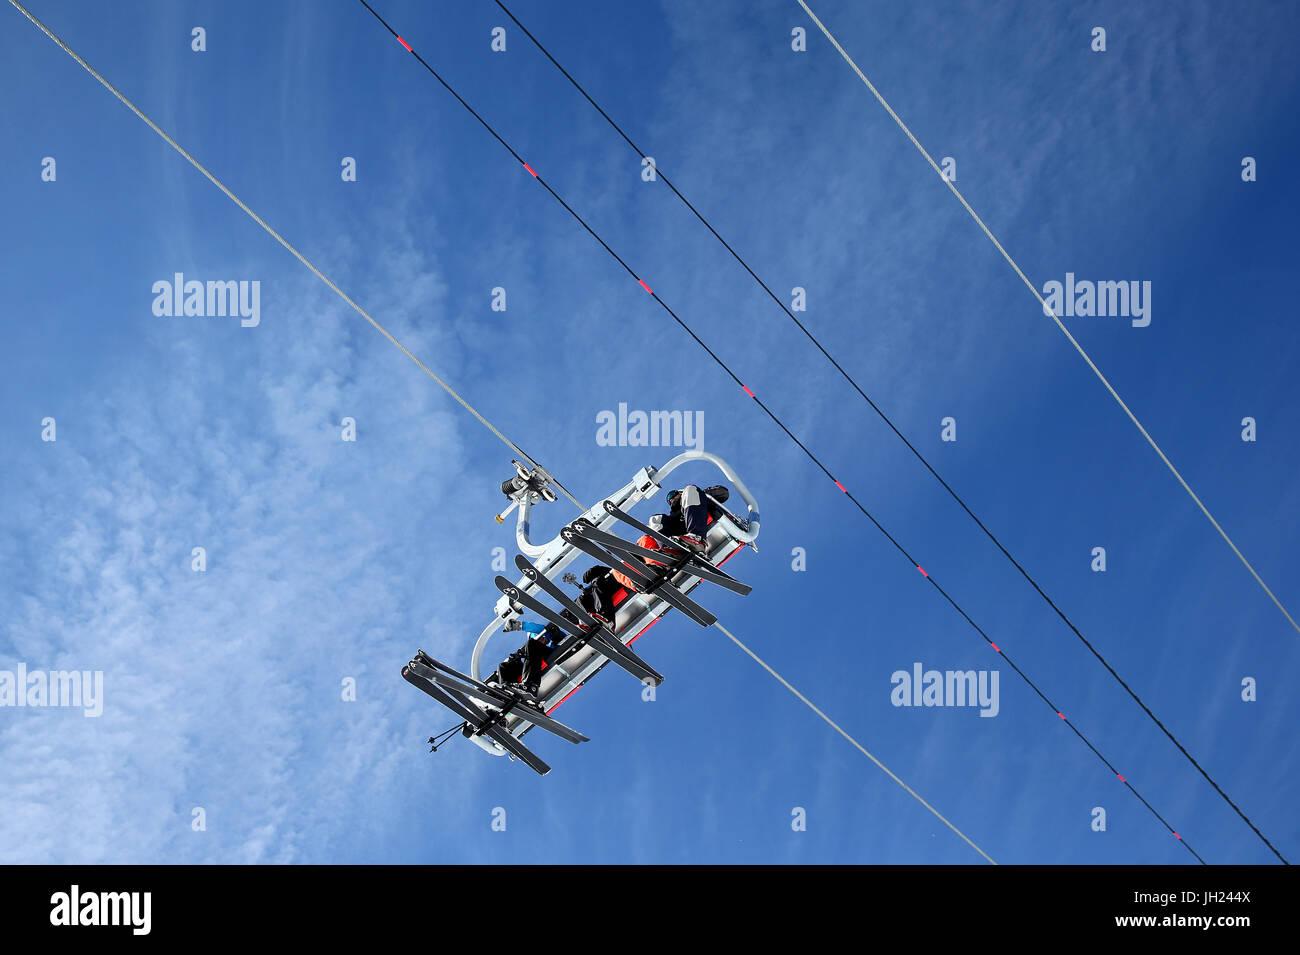 Sulle Alpi francesi. Ski lift visto da sotto. La Francia. Immagini Stock